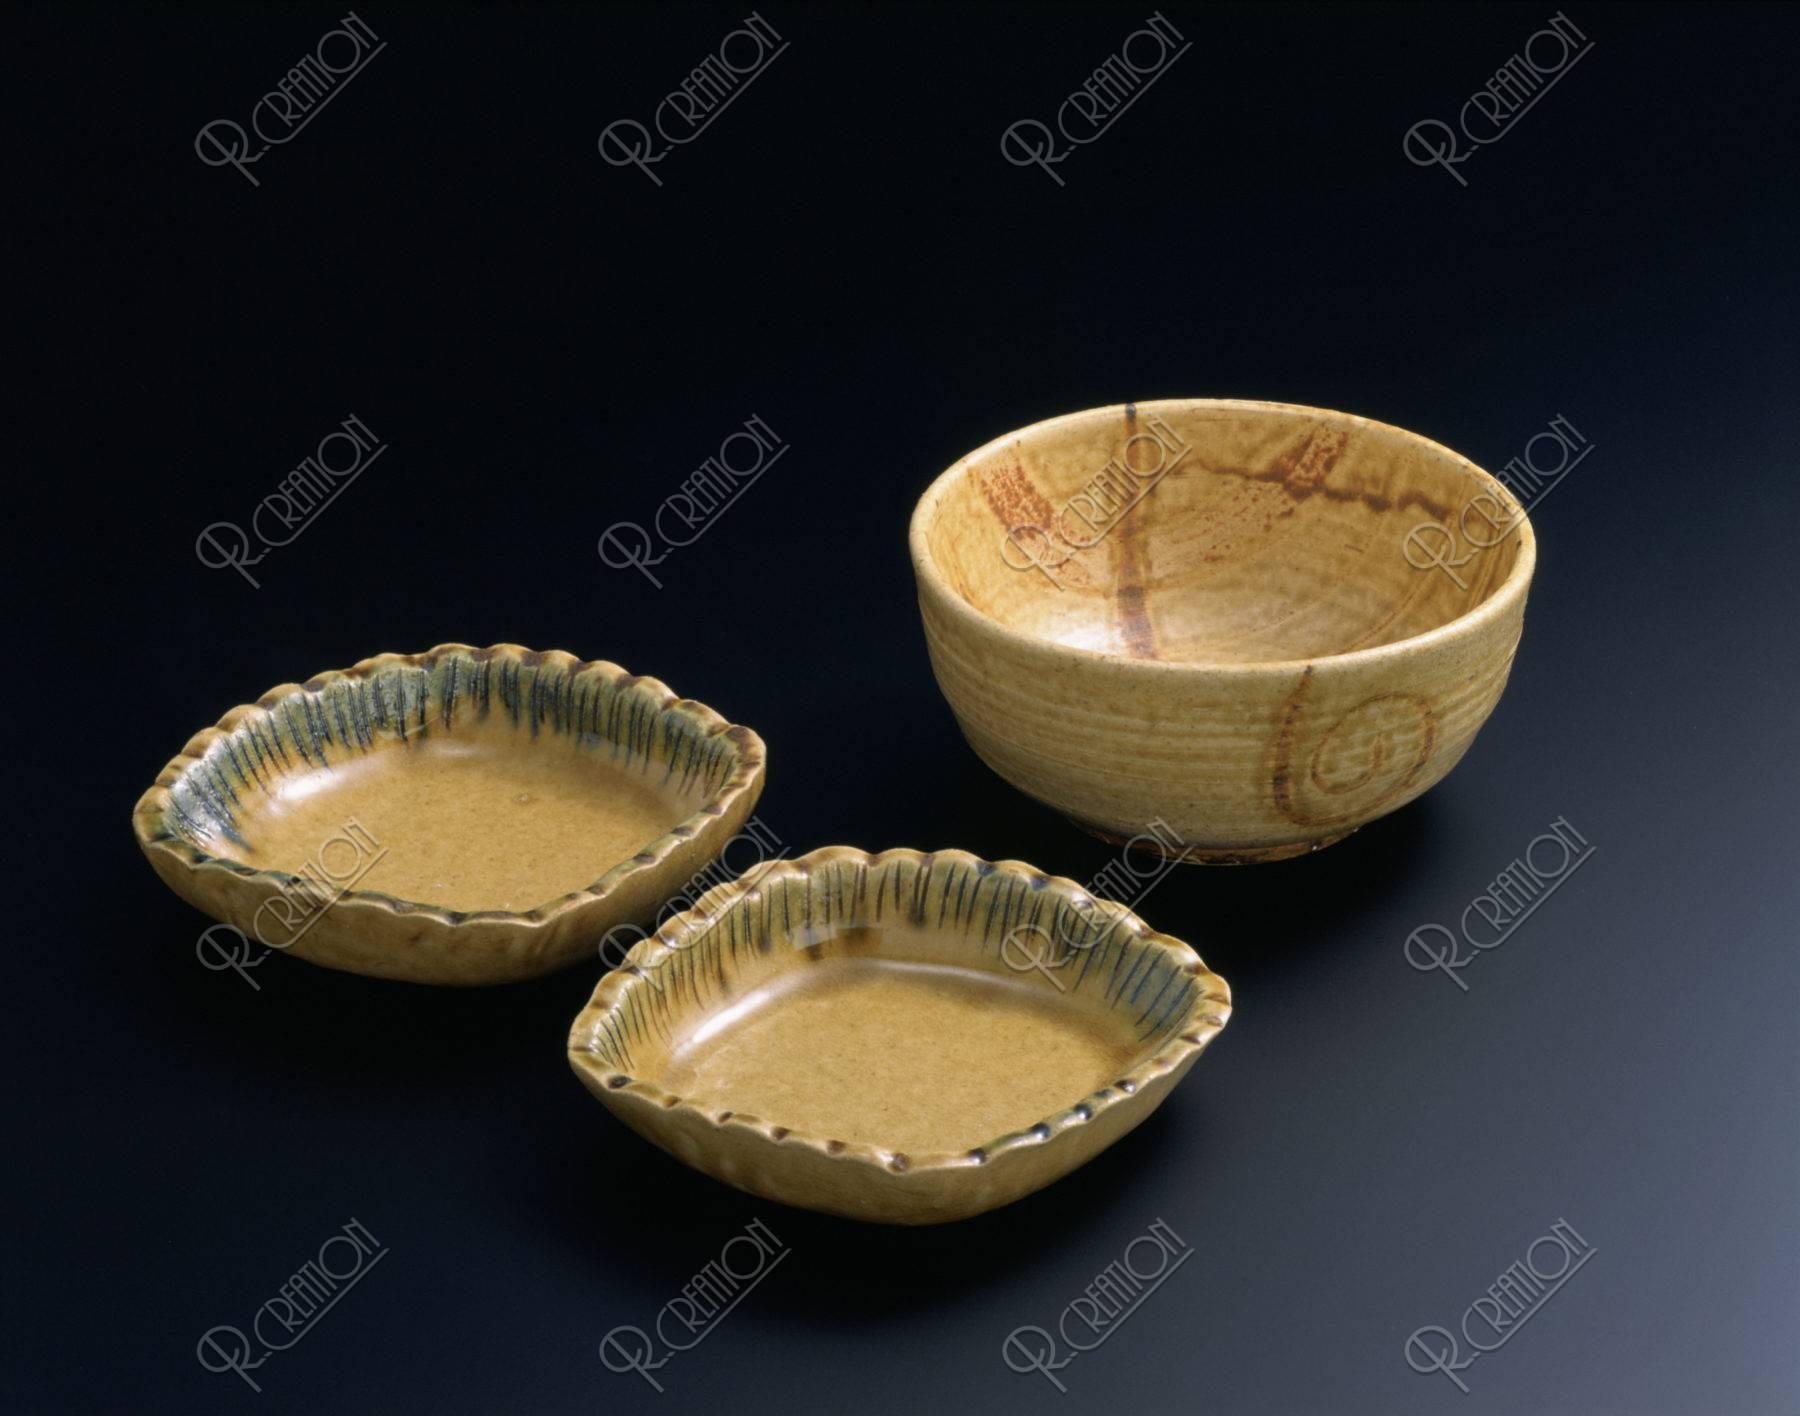 瀬戸焼 黄瀬戸皿と鉢